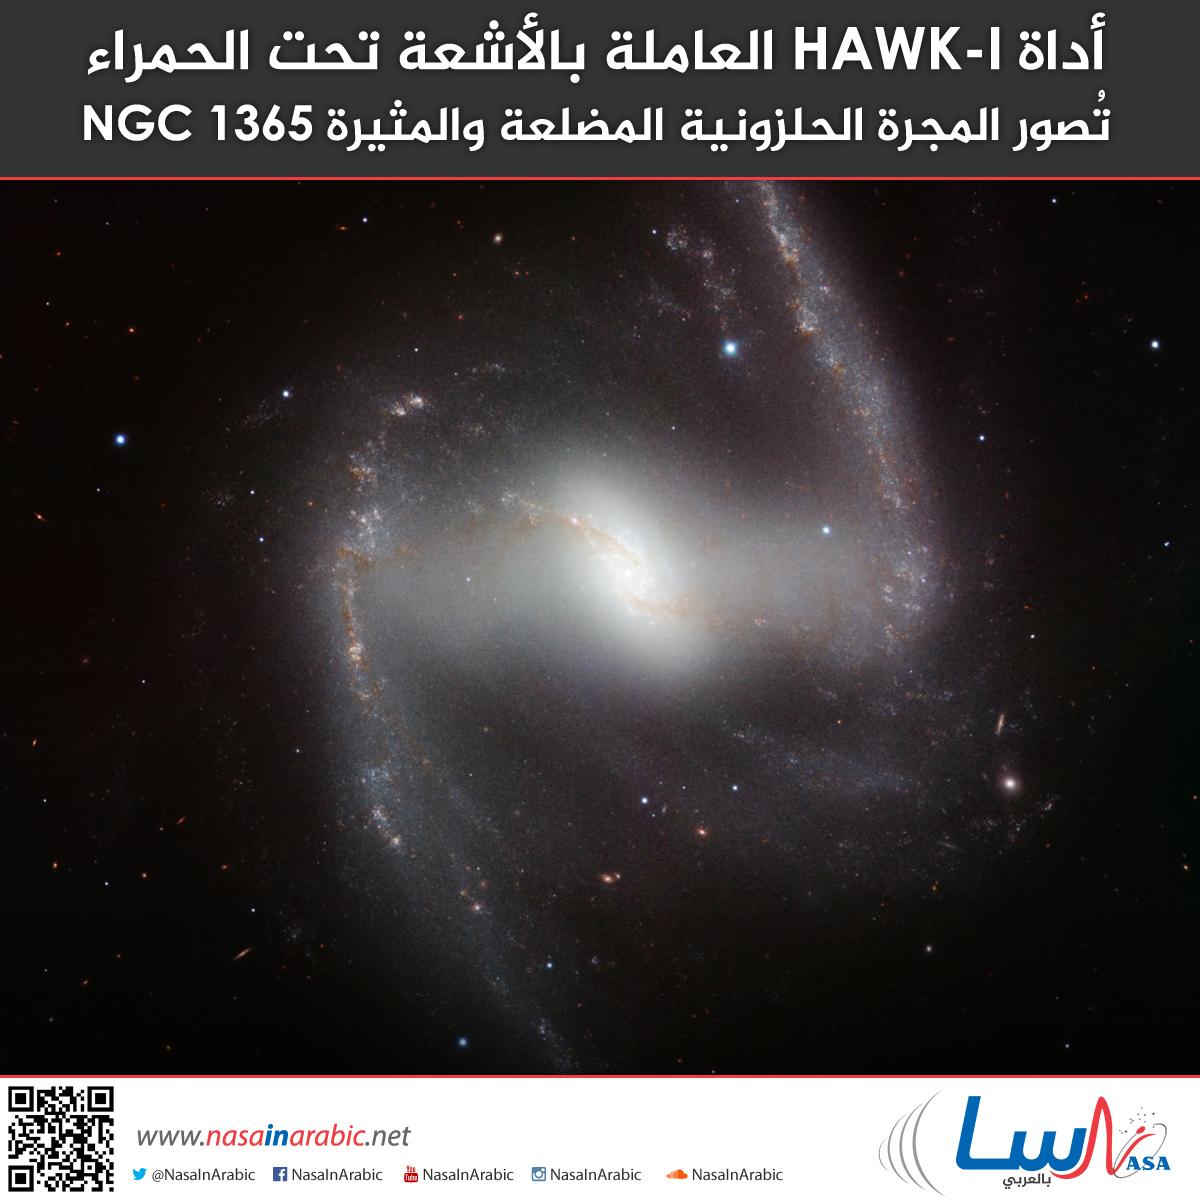 أداة HAWK-I العاملة بالأشعة تحت الحمراء تُصور المجرة الحلزونية المضلعة والمثيرة NGC 1365